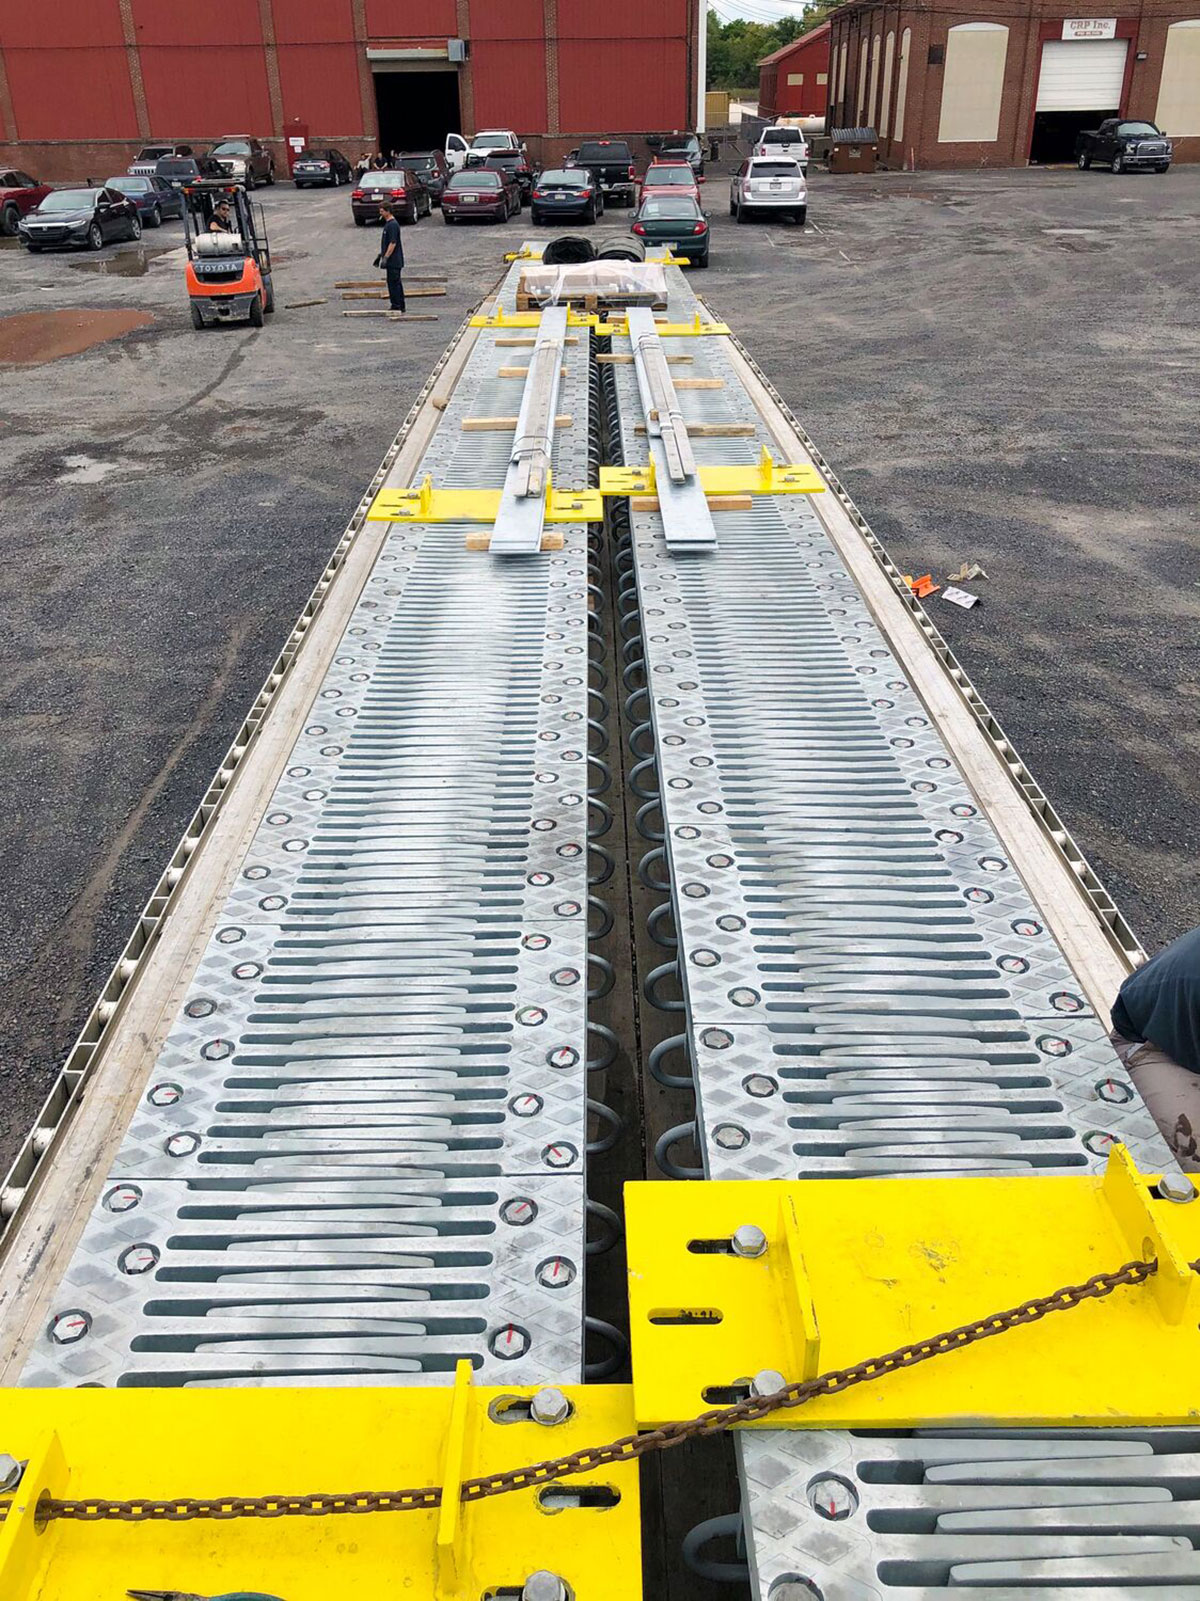 Dva mostné závery TENSA® FINGER (typ RSFD) navrhnuté na pohyby do 16 palcov (400 mm). Hrebeňové dosky, ktoré tvoria povrch a sú kotvené pomocou skrutiek, možno podľa potreby z dôvodu údržby alebo výmeny demontovať.